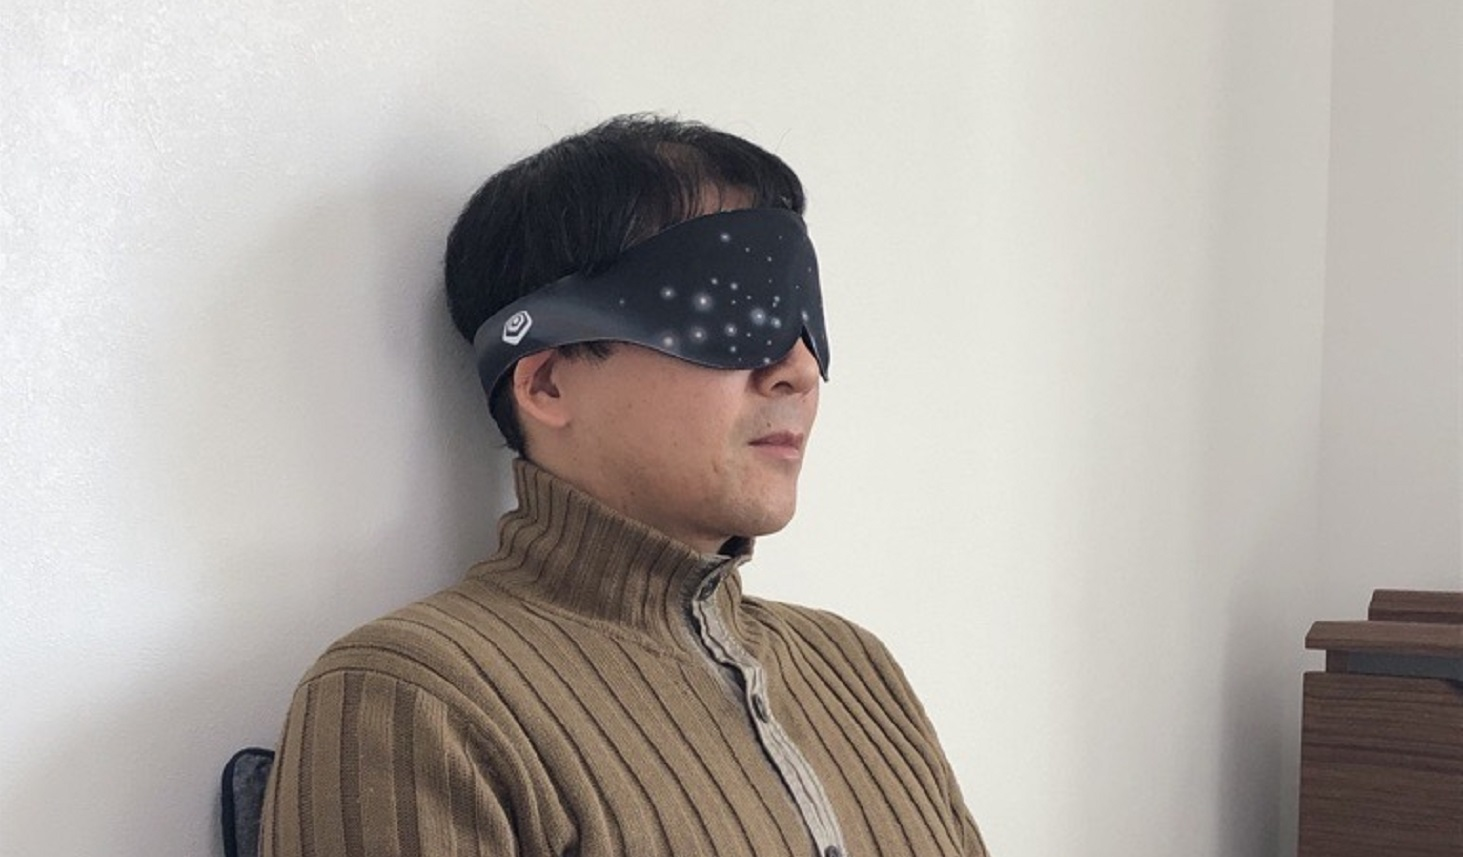 アイマスクで目を温めている様子